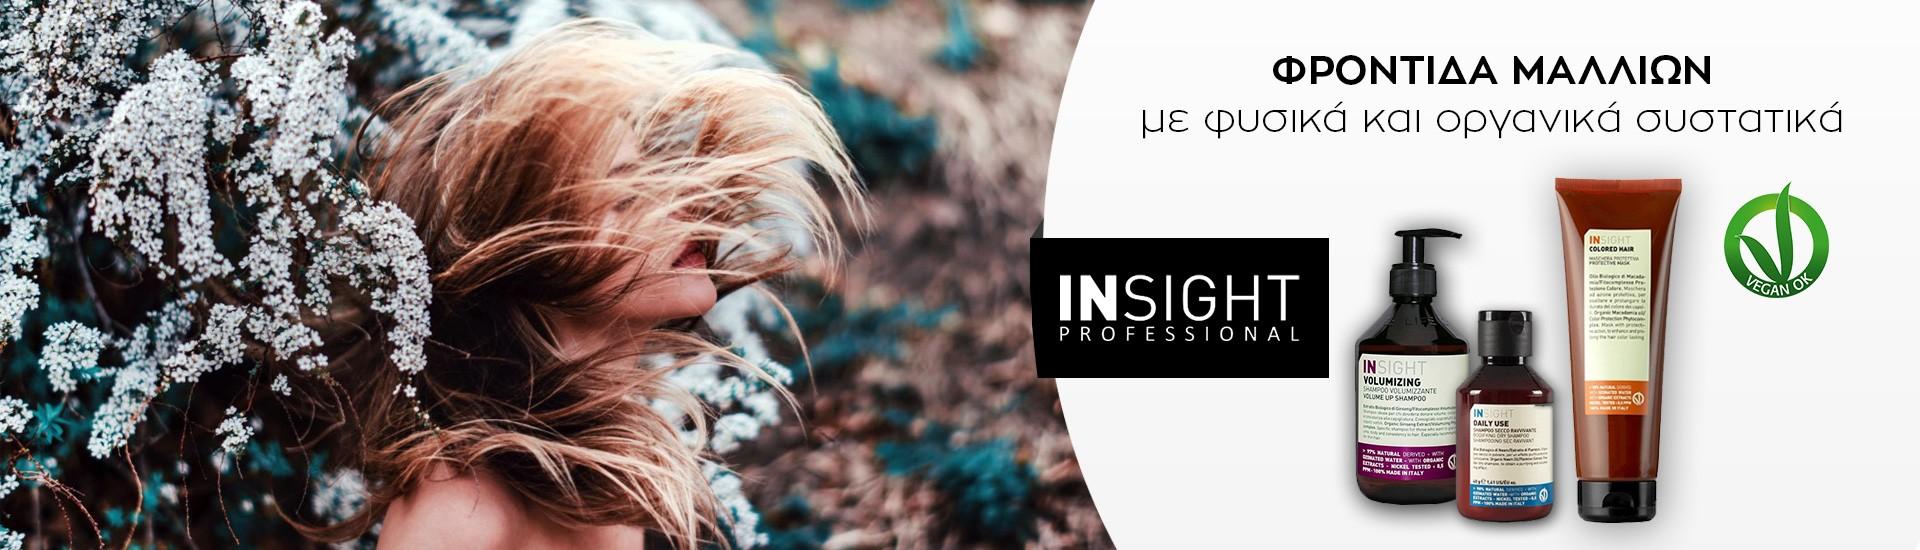 Insight Φροντίδα μαλλιών με φυσικά και οργανικά συστατικά